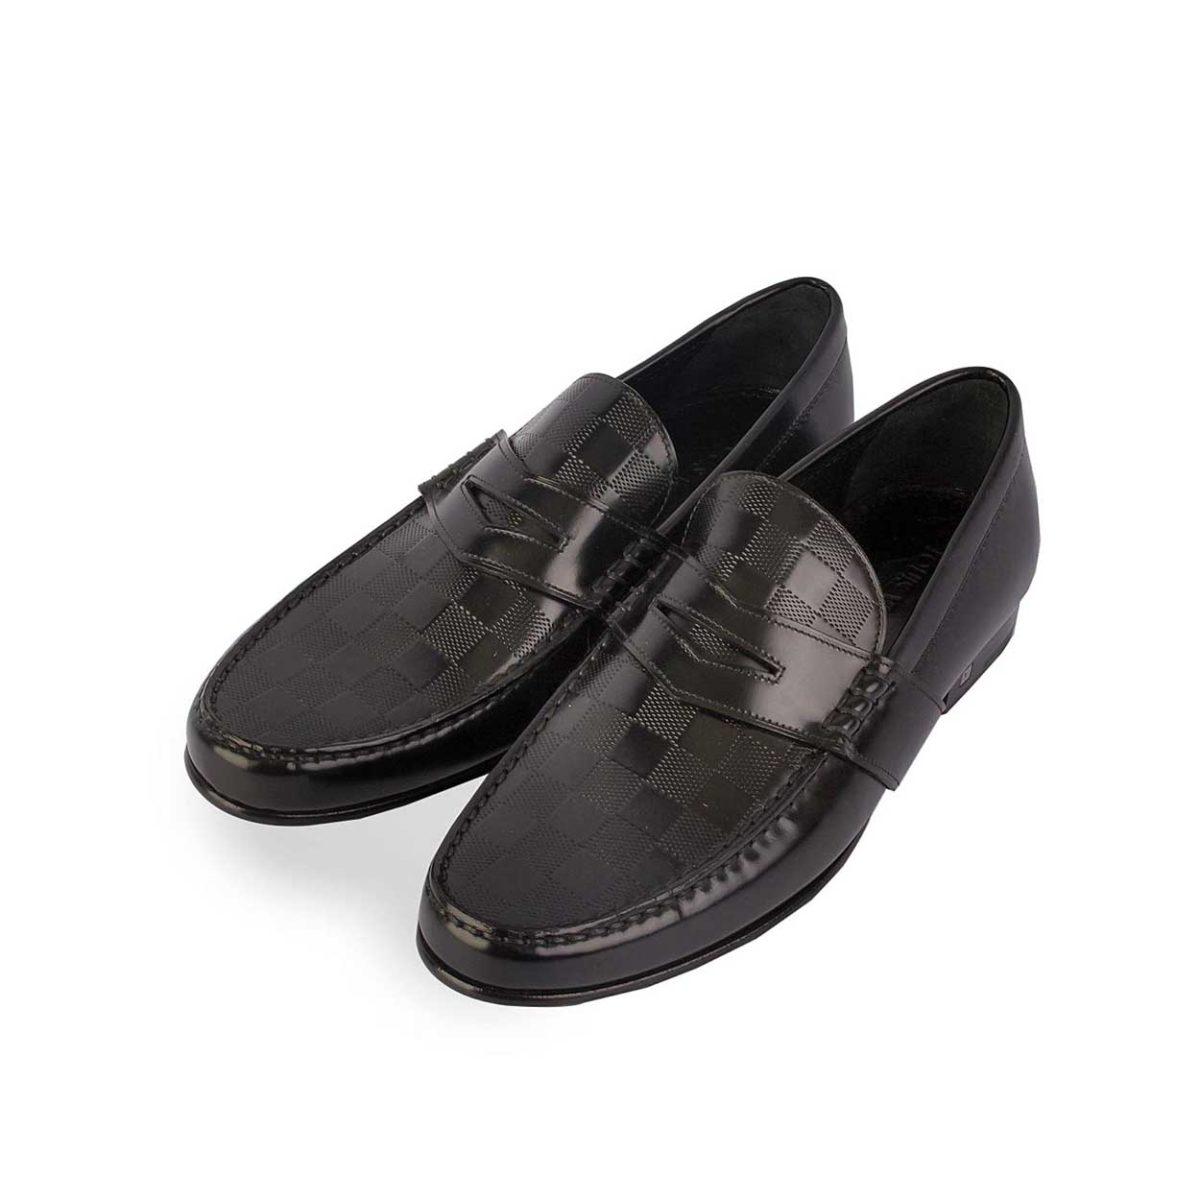 1c48bbf4168 LOUIS VUITTON Men s Graduation Loafers Black - S  42 (8) - NEW